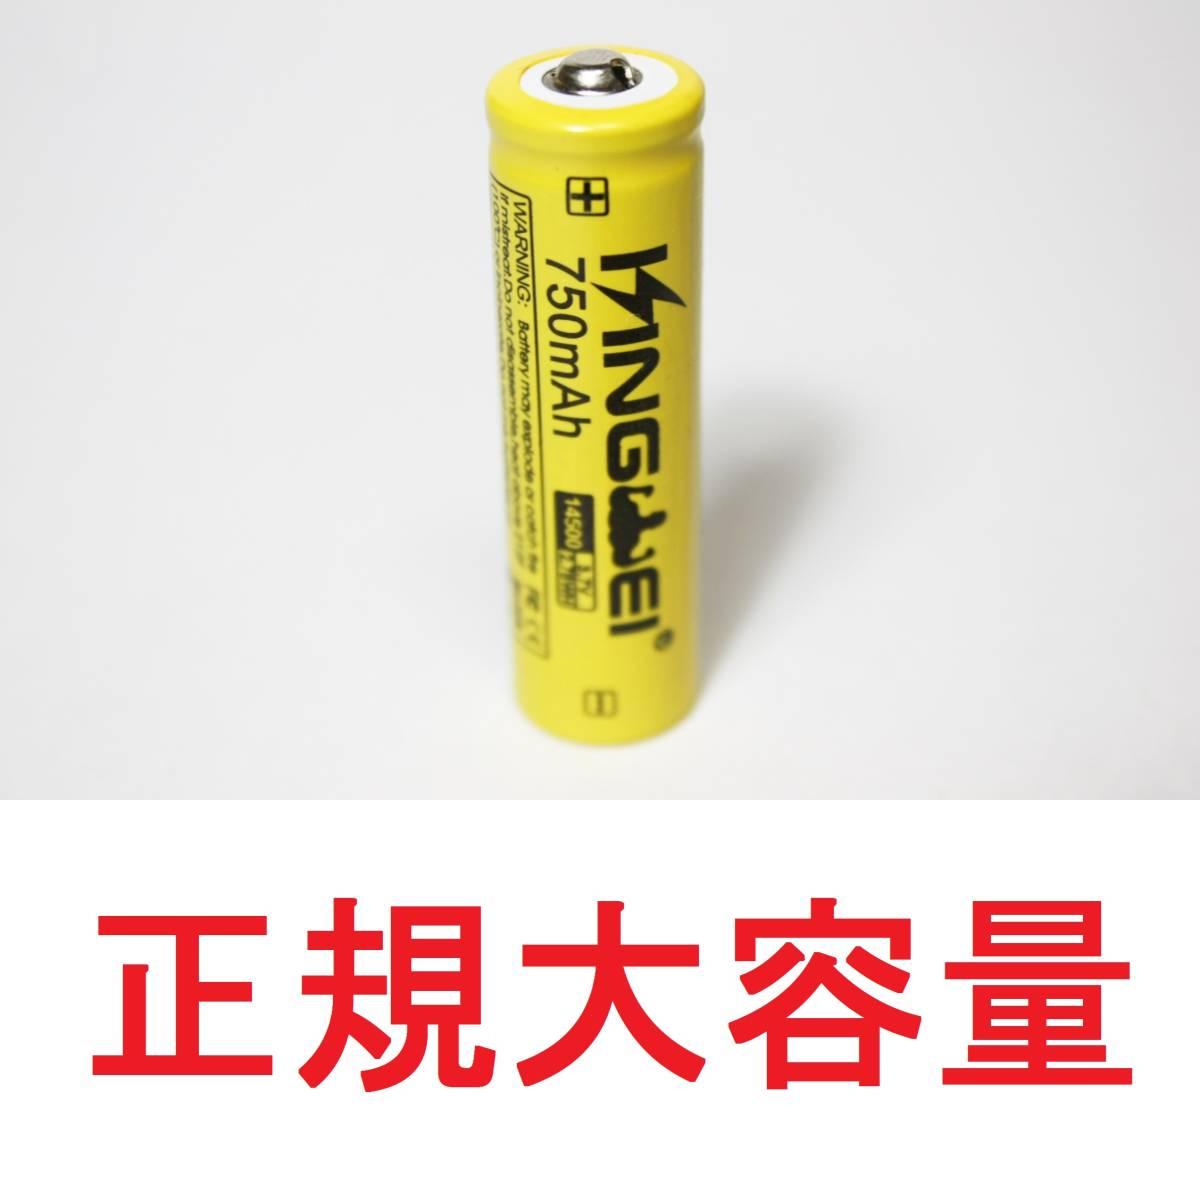 ★ 正規大容量 14500 リチウムイオン 充電池 バッテリー 懐中電灯 ハンディライト 01_画像1